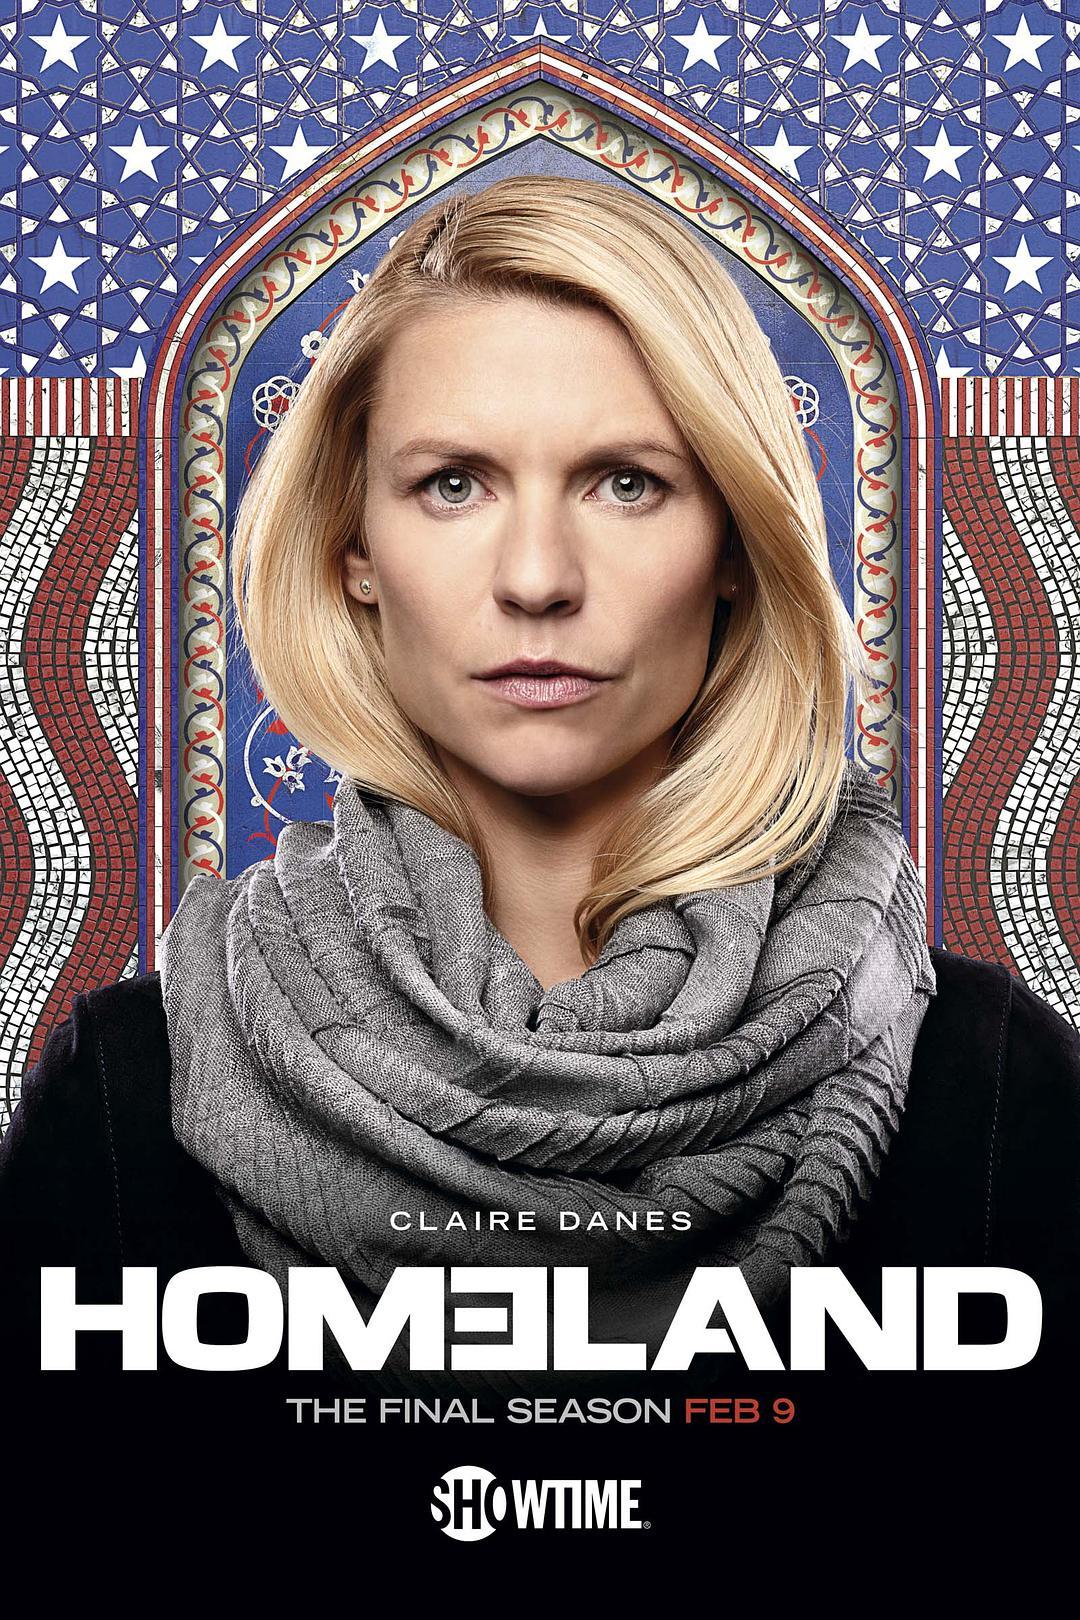 国土安全 第八季 Homeland Season 8